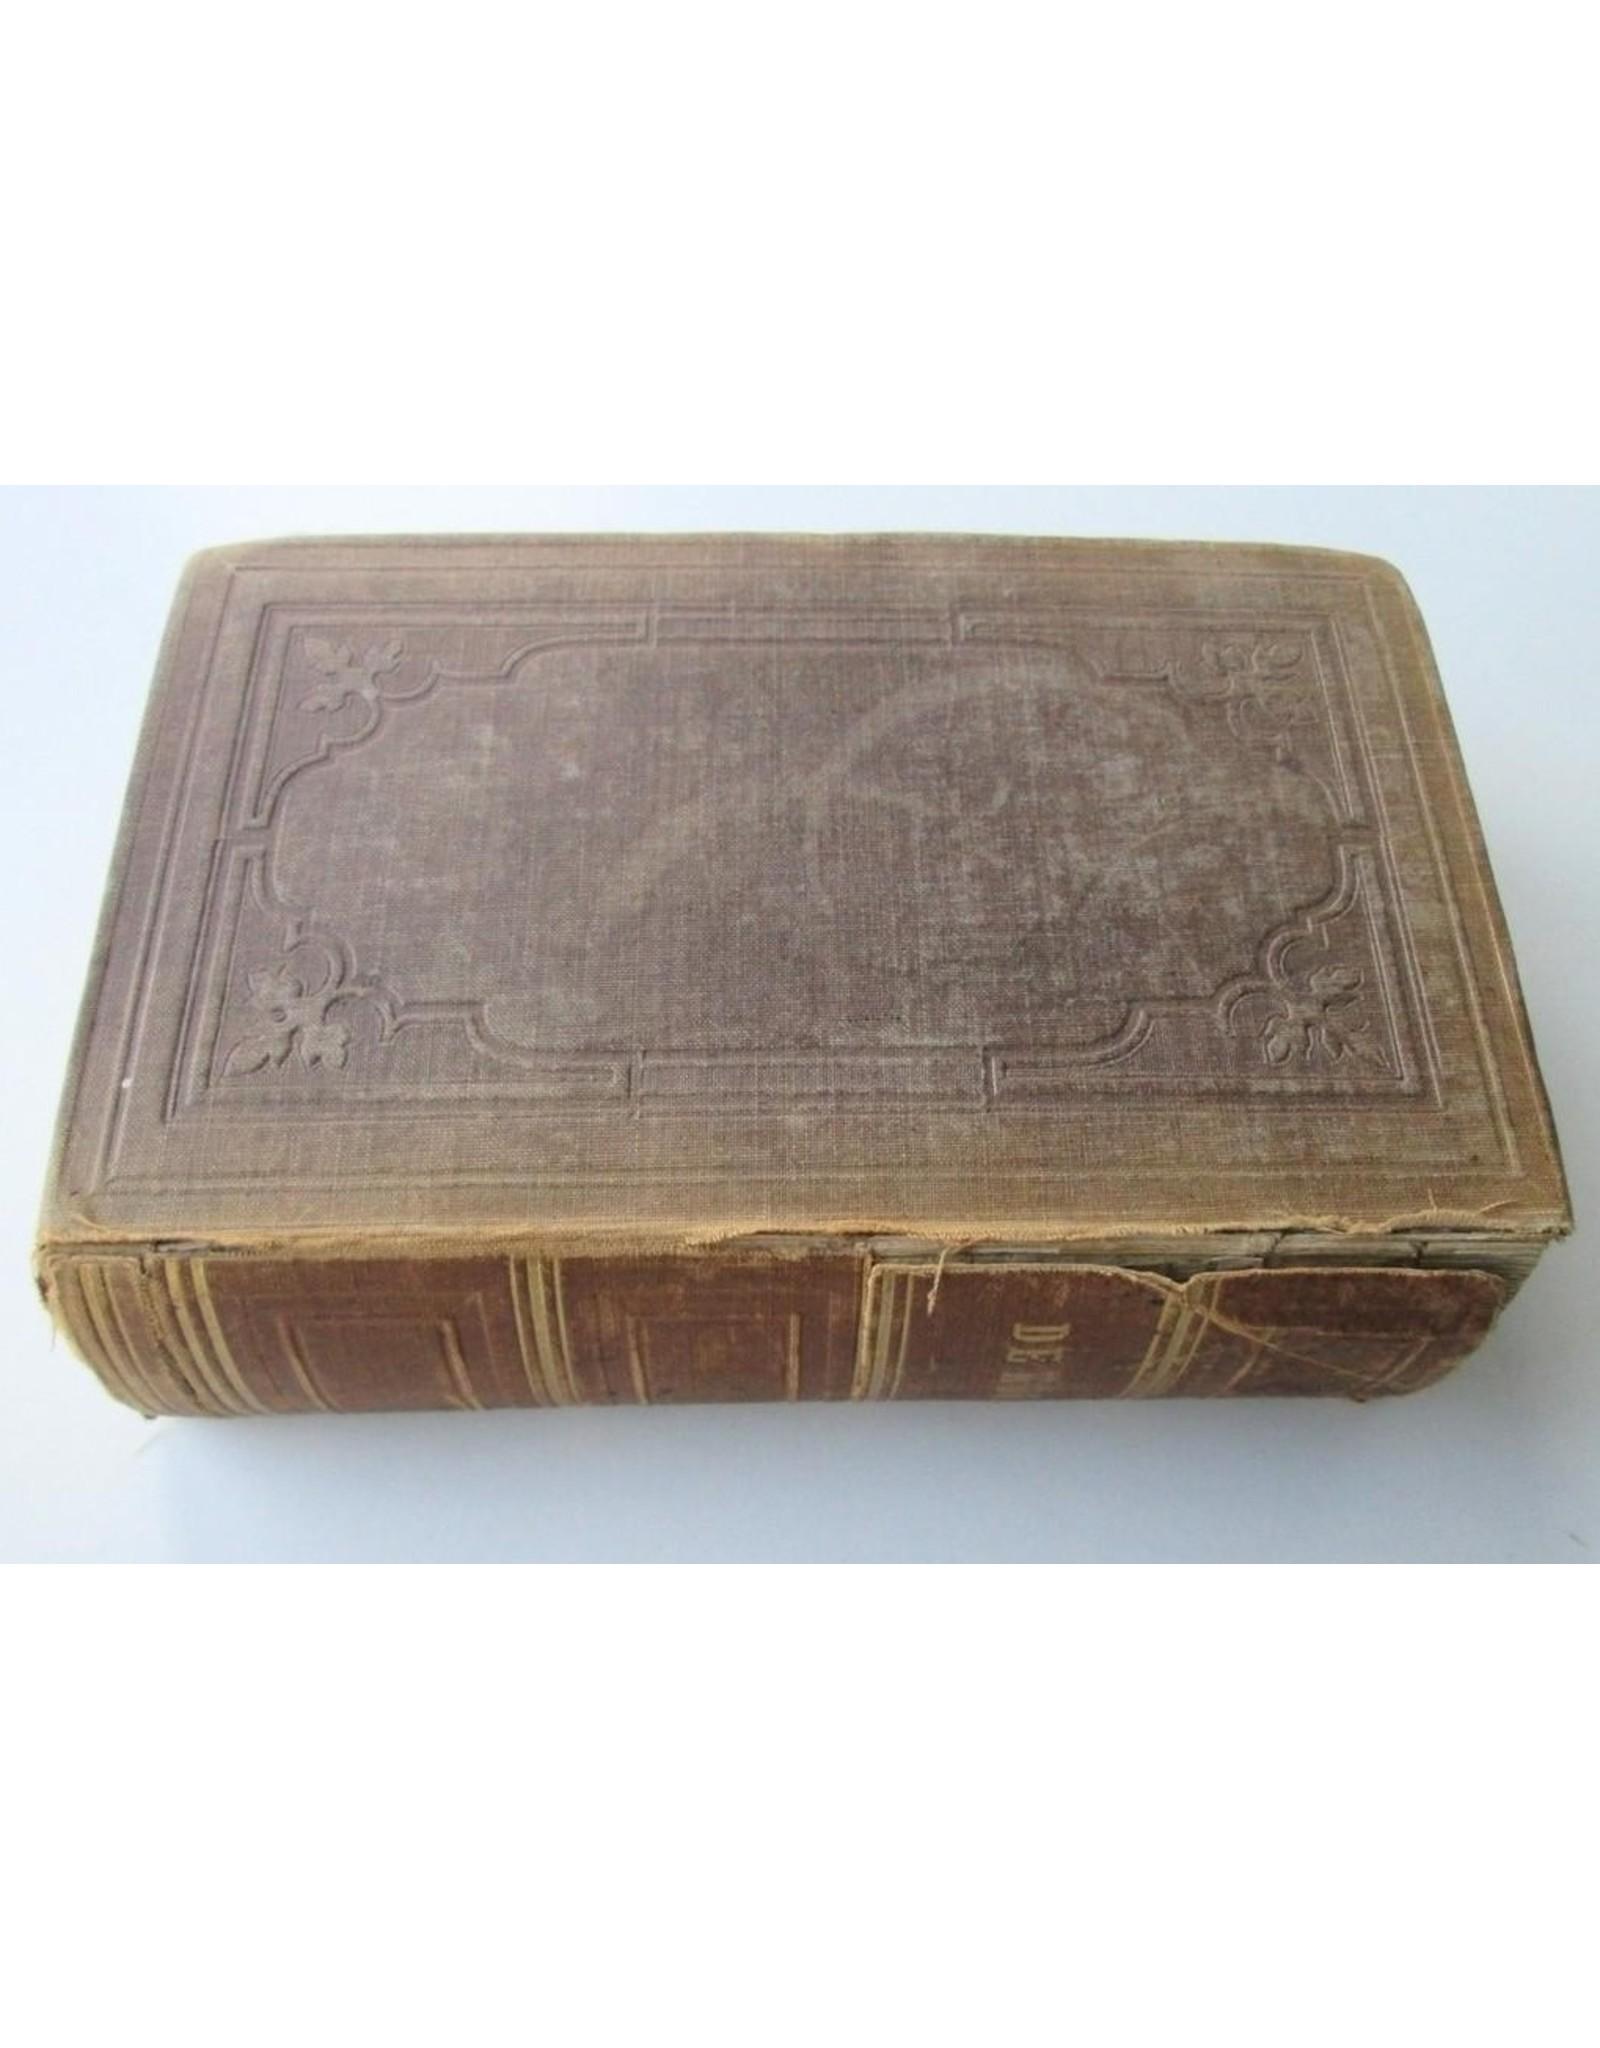 S. Keyzer - De Koran, voorafgegaan door het leven van Mahomet [...]